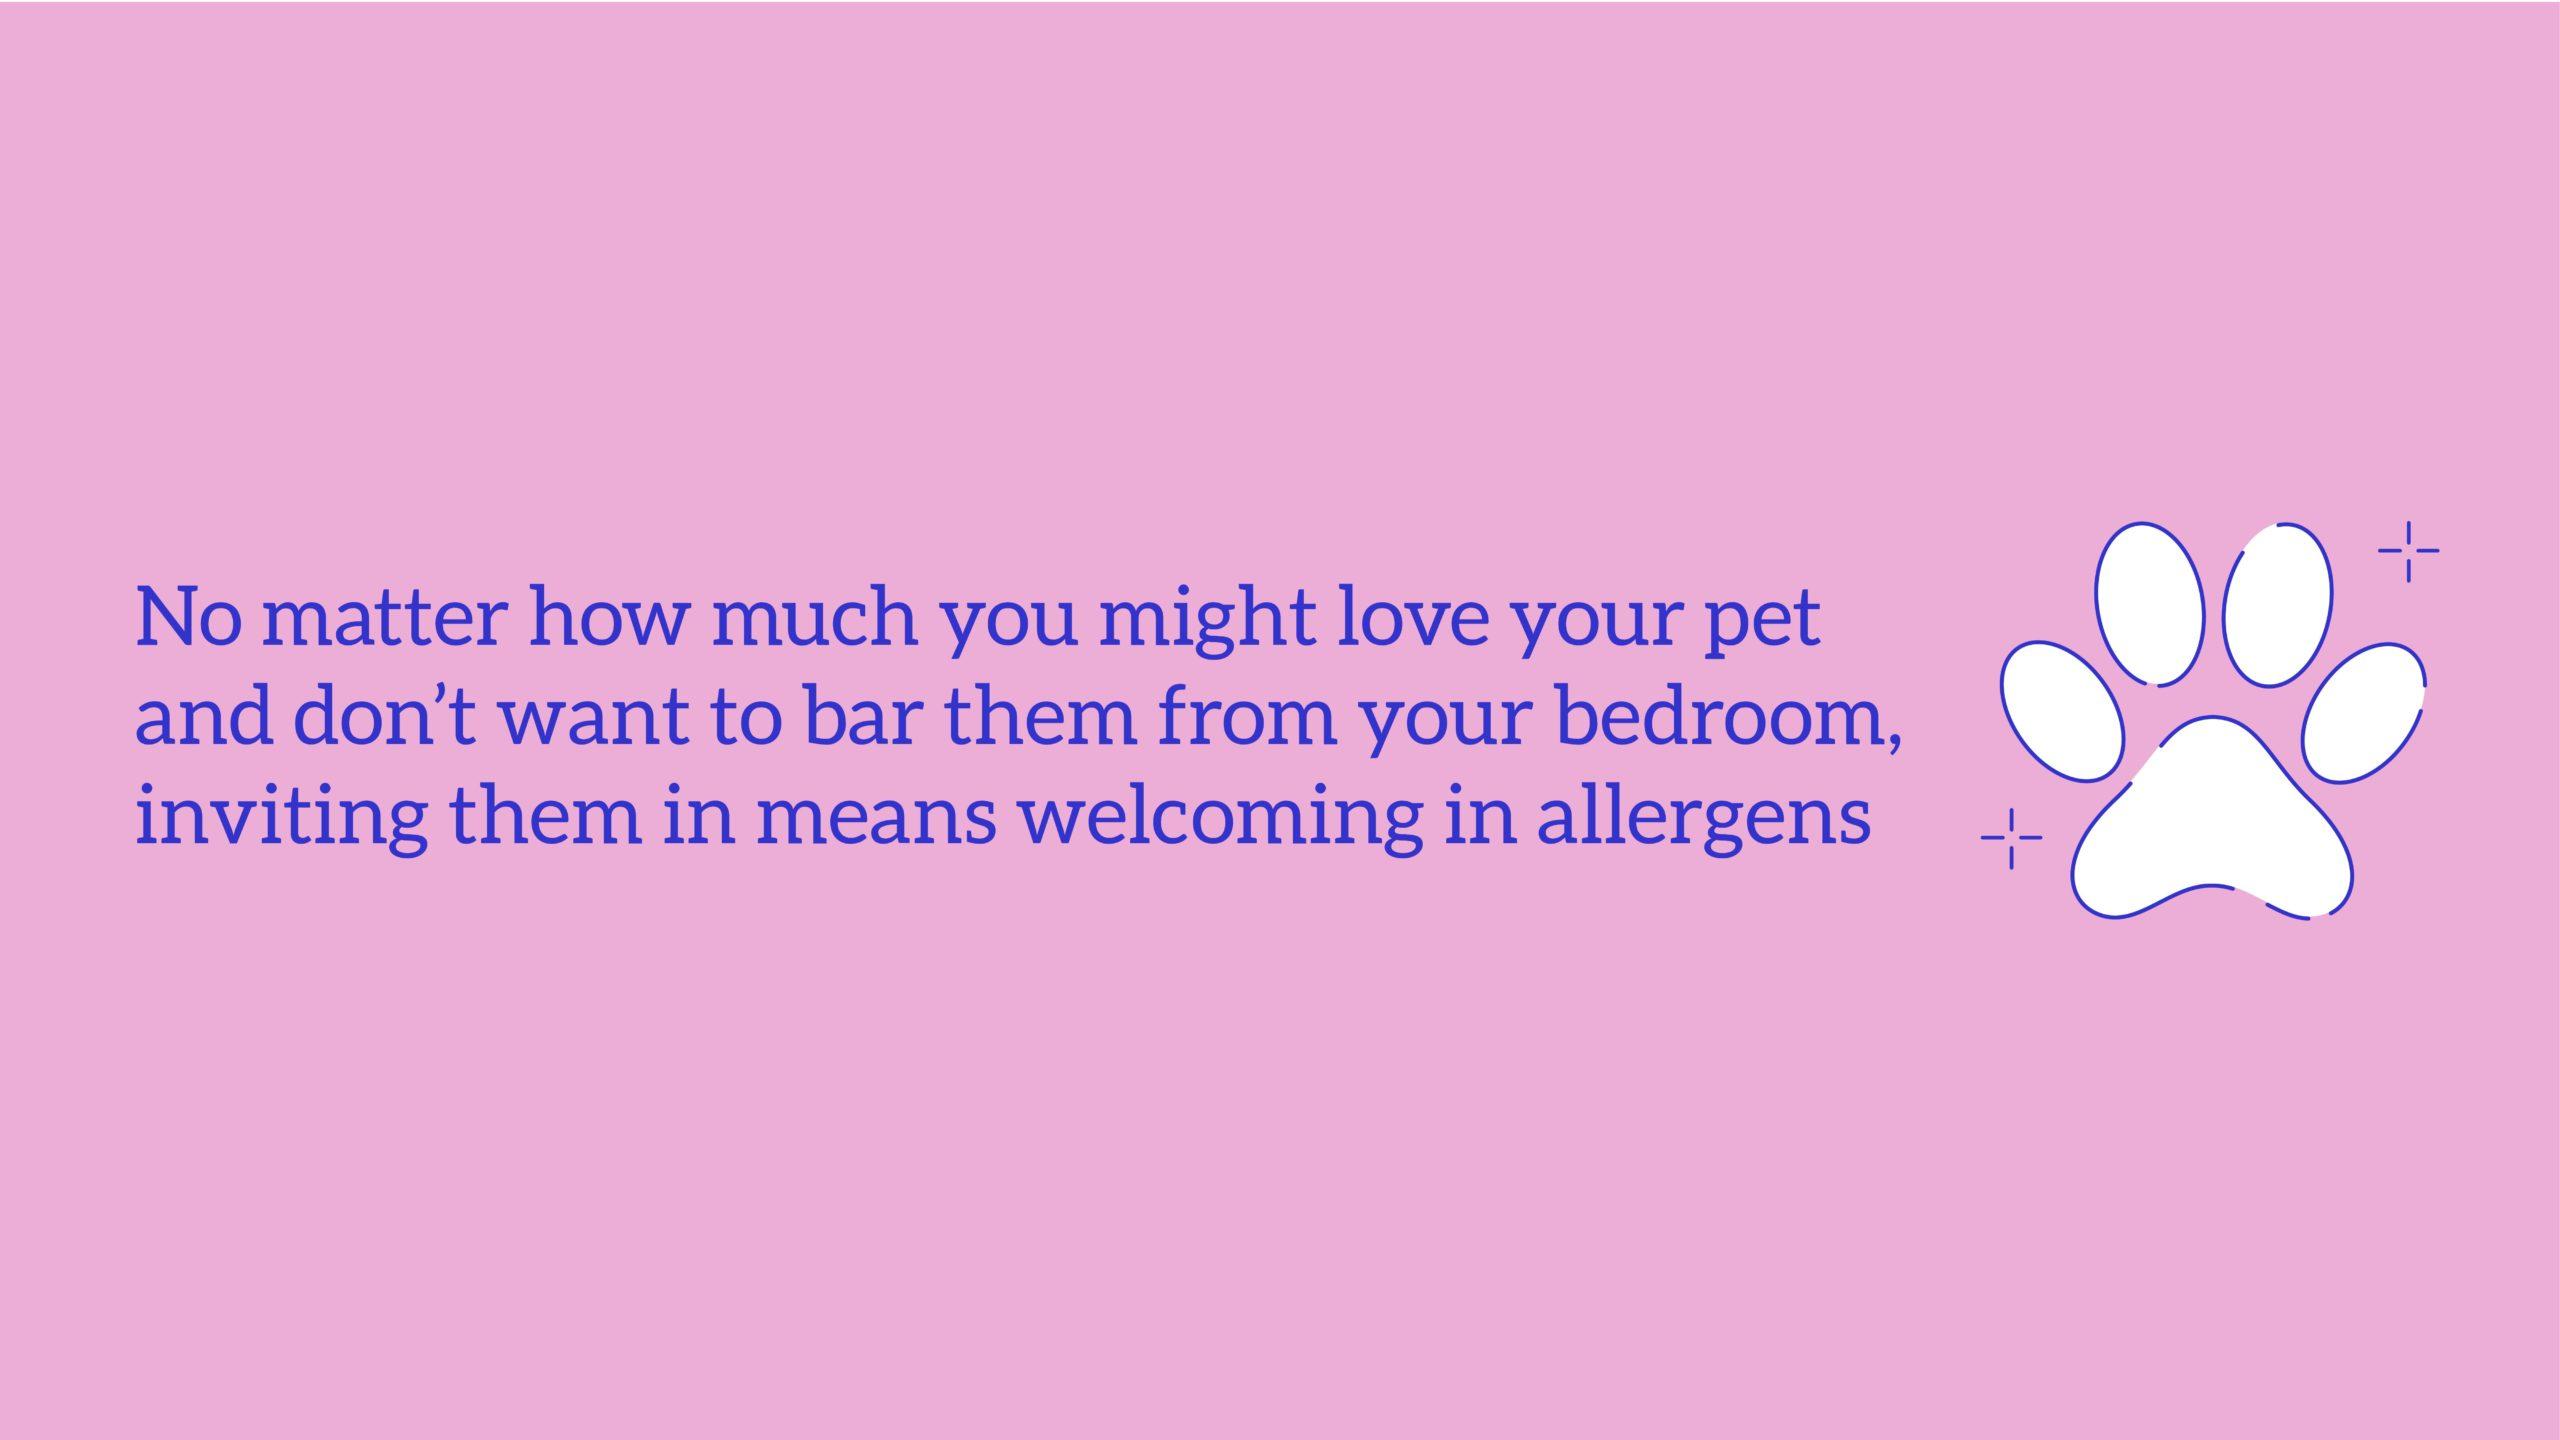 Best-Mattress-for-Allergies